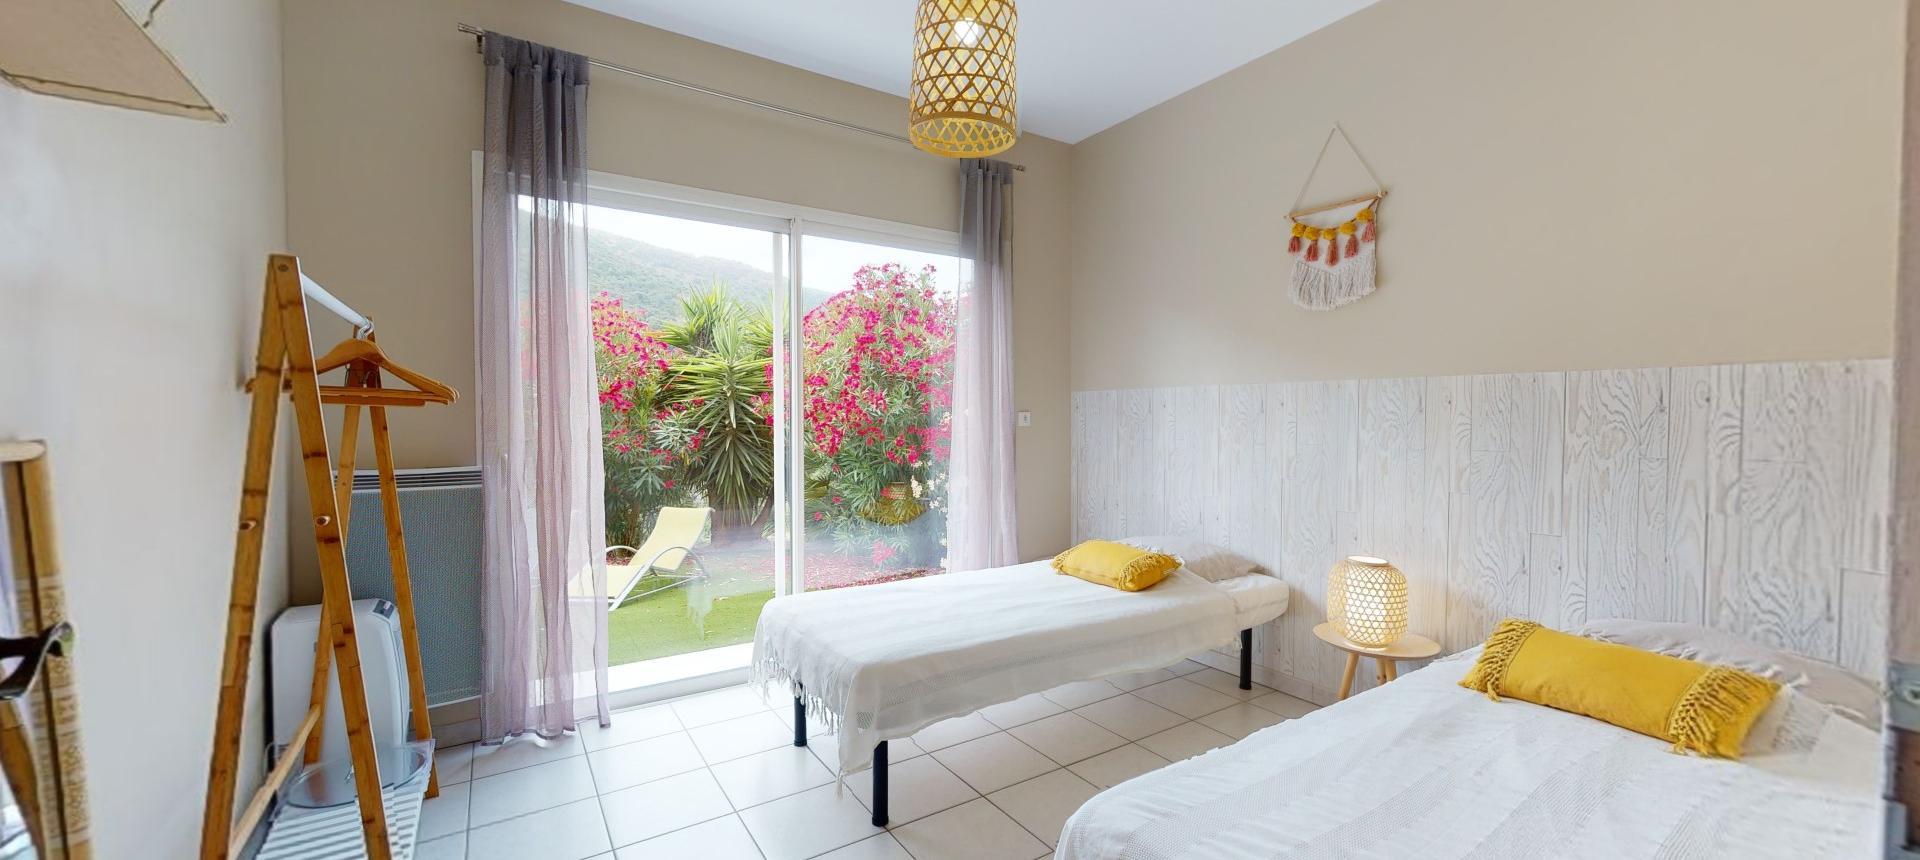 Villa à vendre proche Ajaccio - San Benedetto - Vue chambre 1 - RDJ